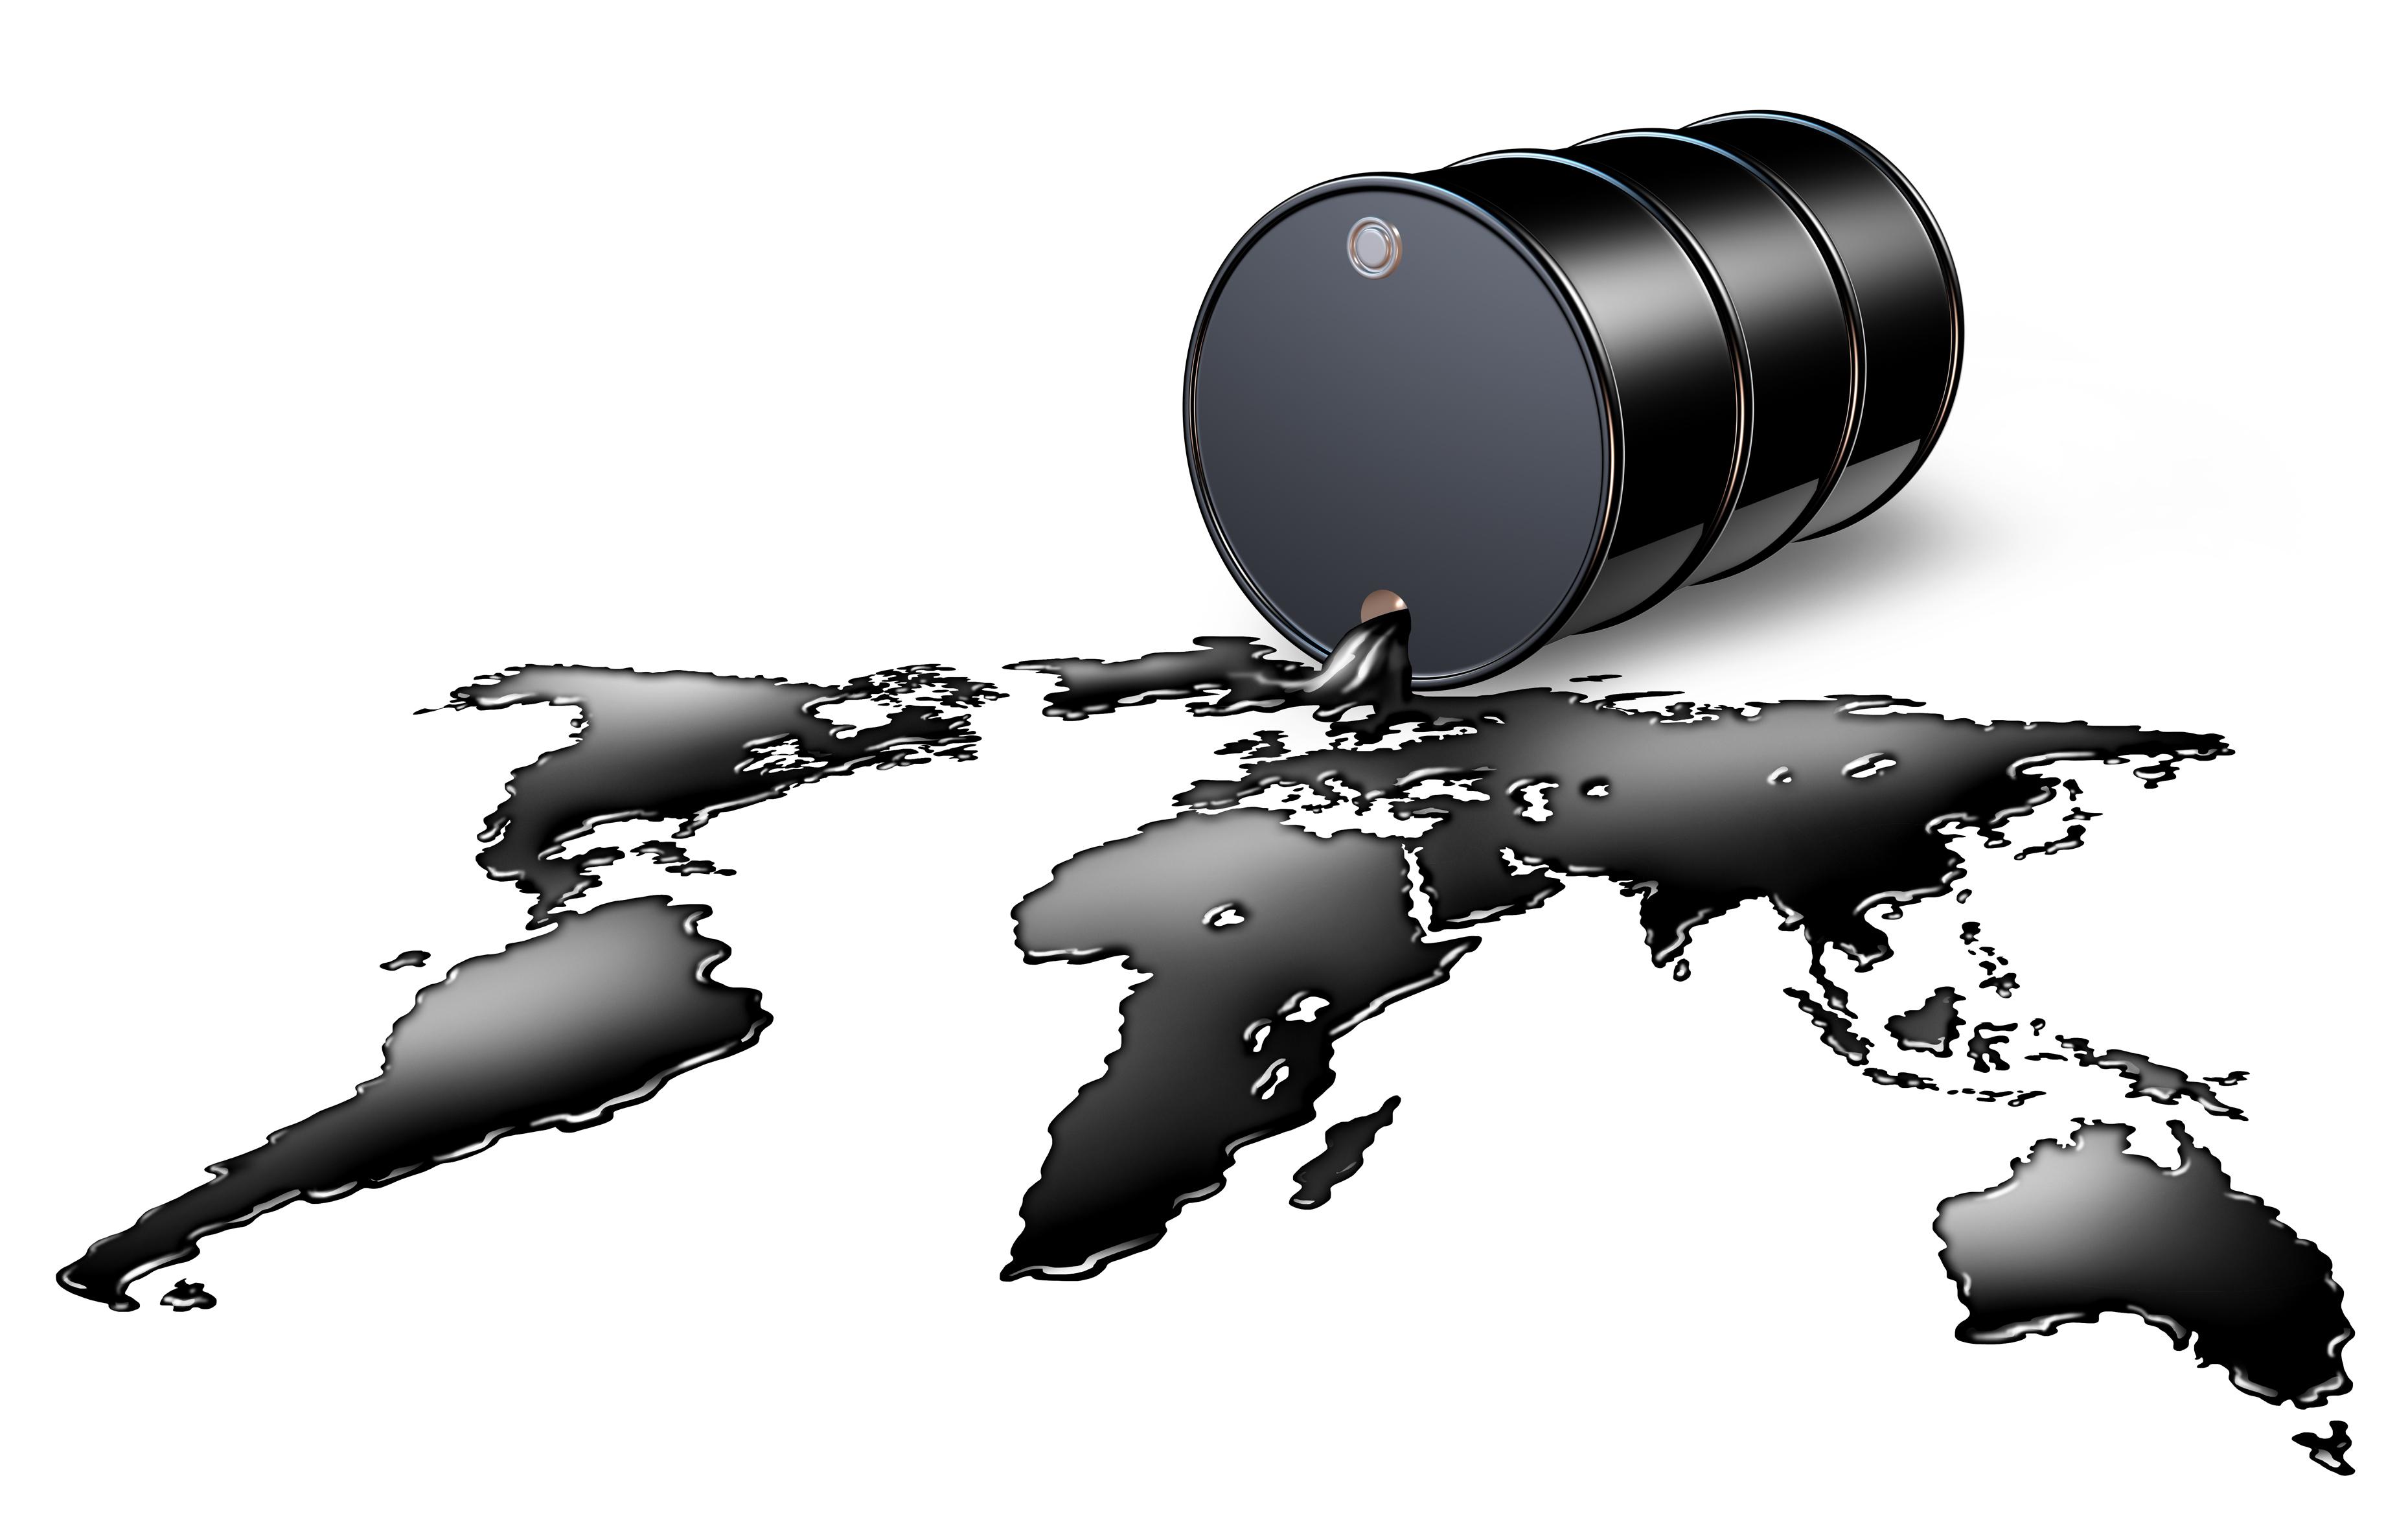 وضعیت بازار نفت جهان پس از حمله به آرامکو/وقتی یمنیها بازار نفت جهان را به هم میریزند